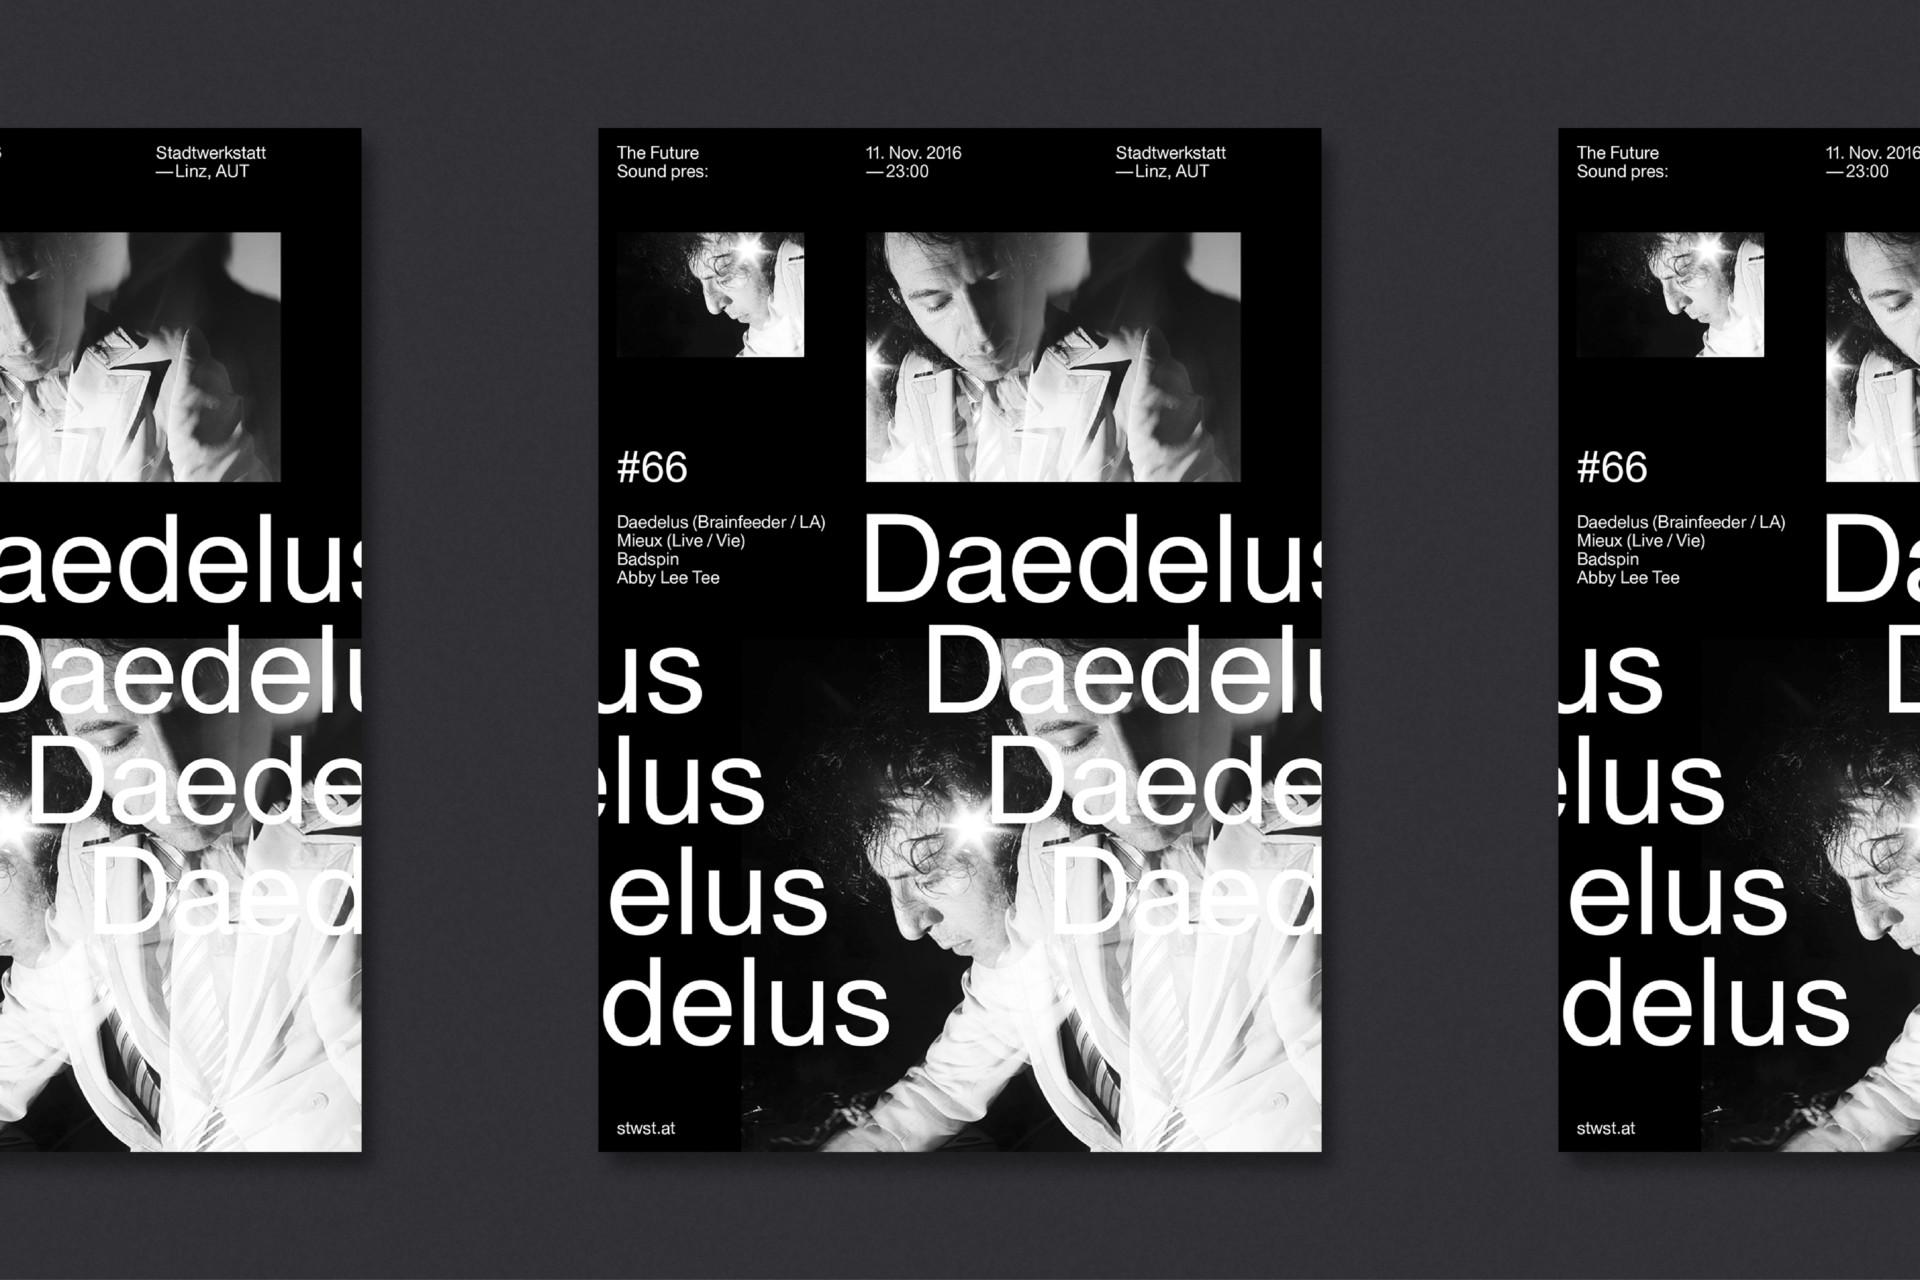 Steiner Grafik Plakatgestaltung: Future Sound, Linz, AUT